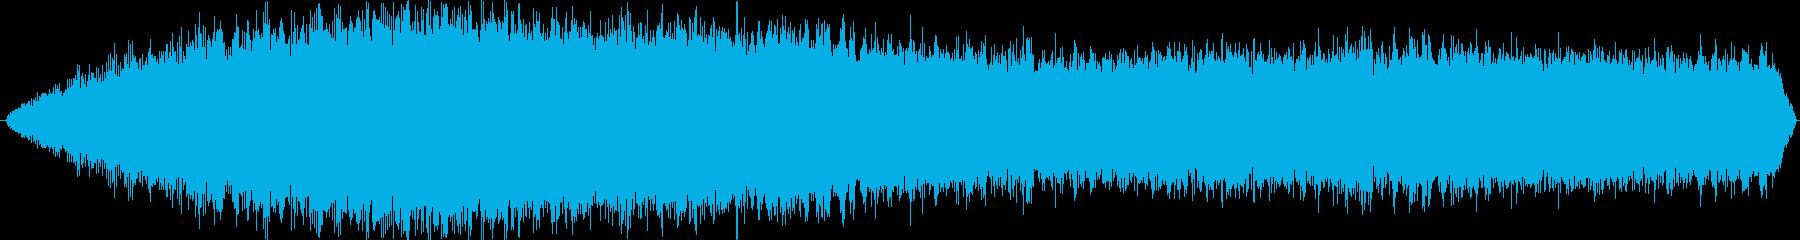 PADS カテドラルエア01の再生済みの波形